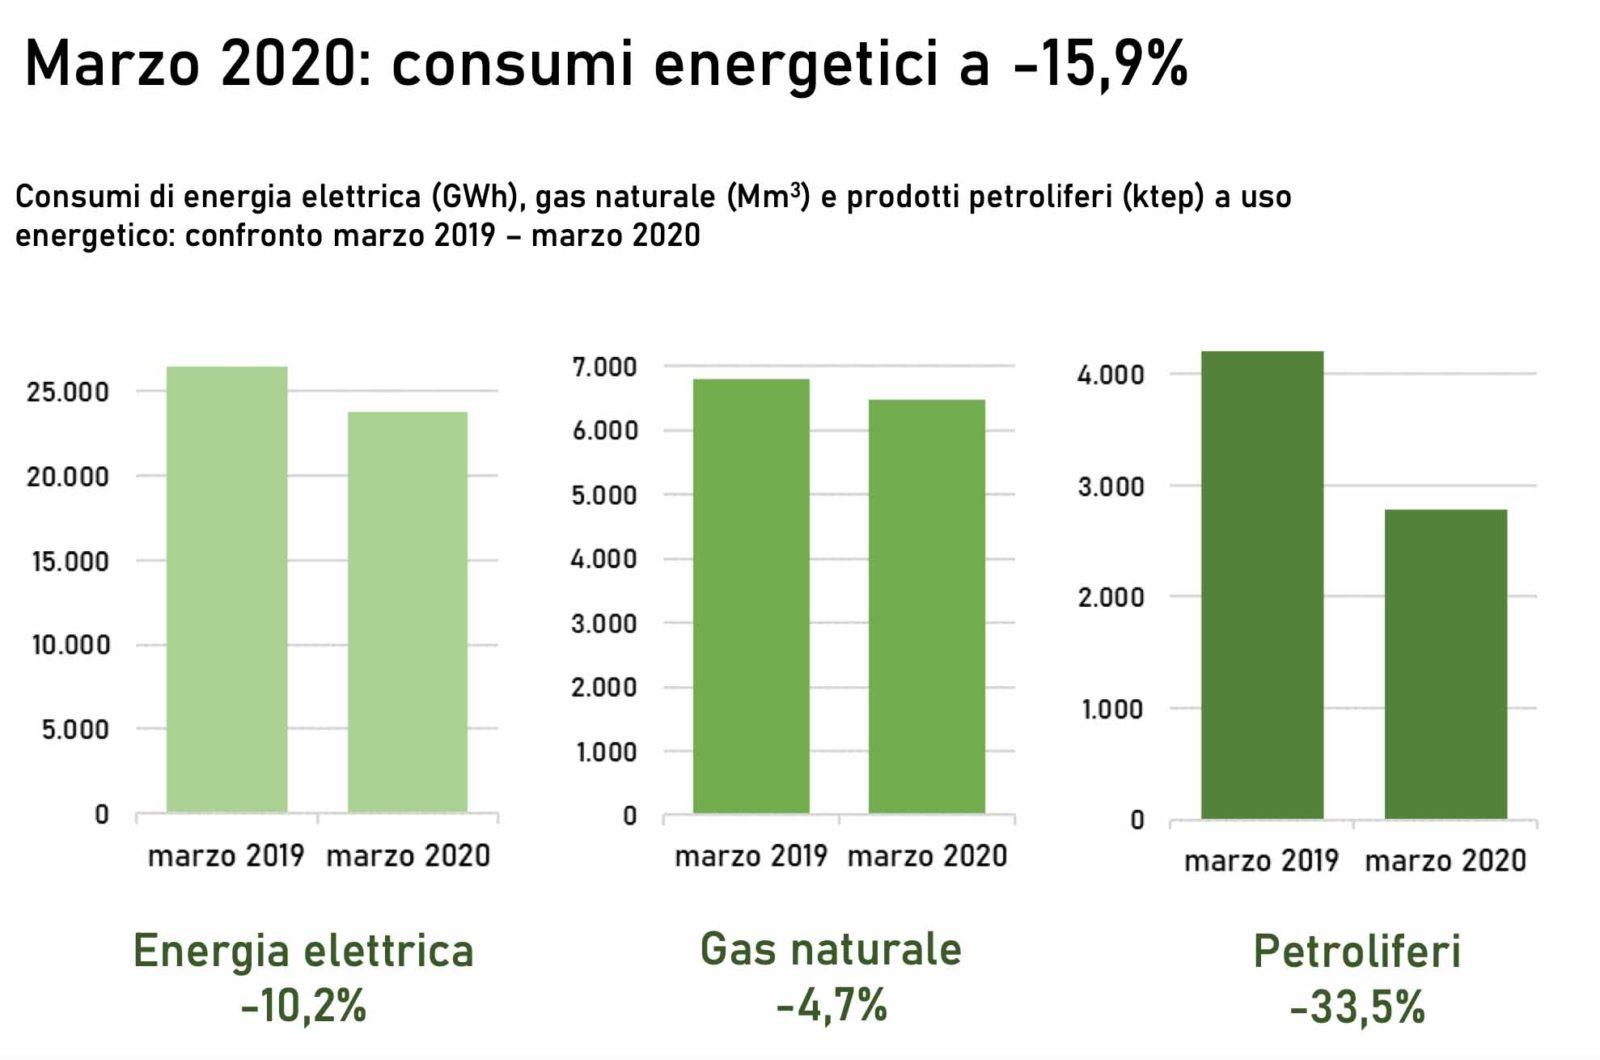 L'effetto coronavirus su consumi di energia ed emissioni di CO2